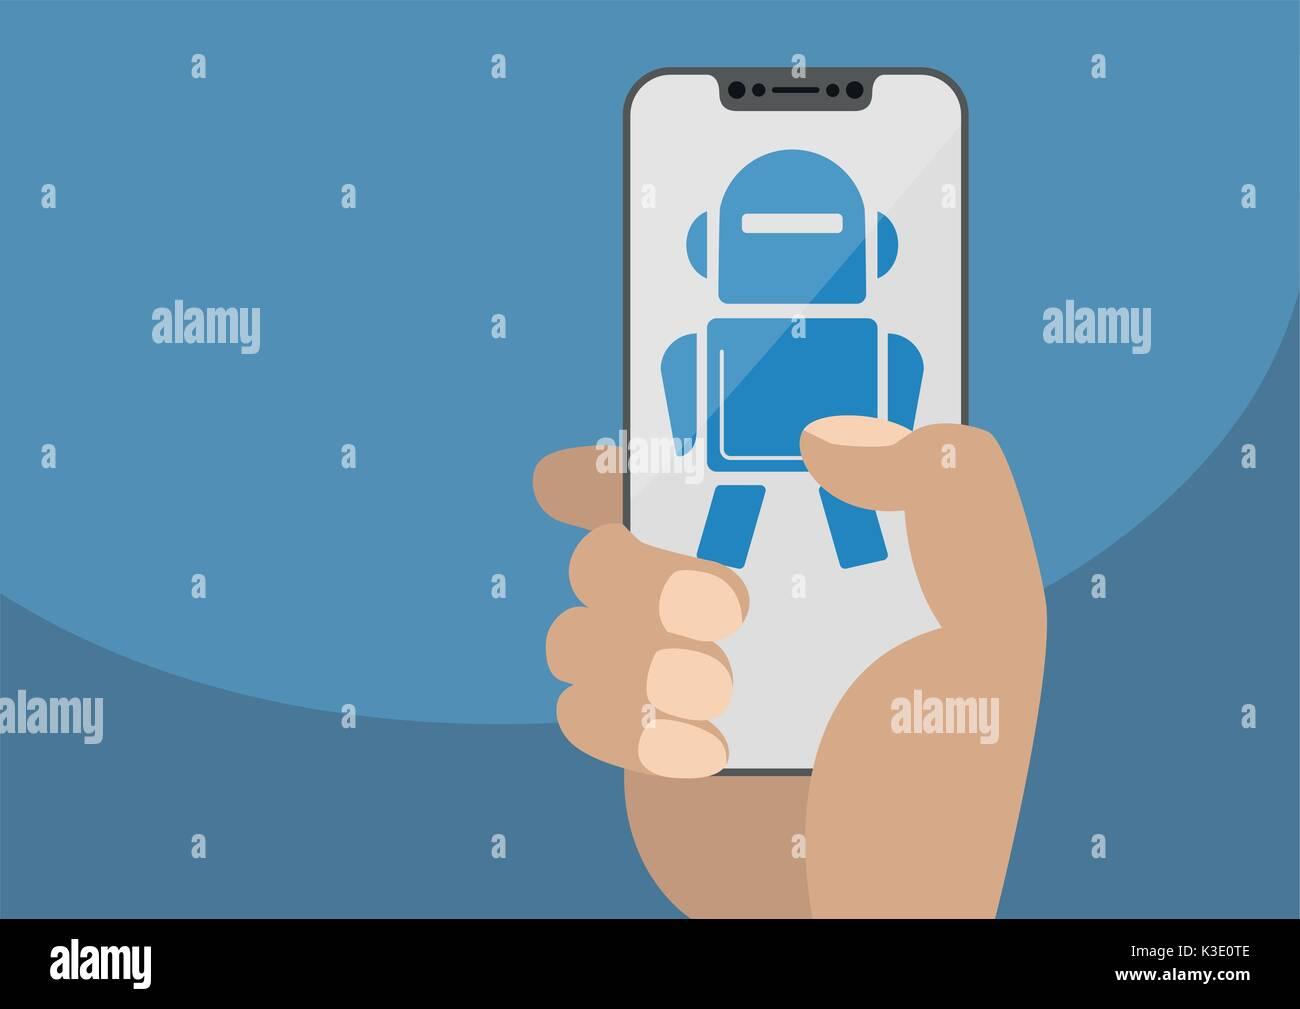 Mano sujetando el bisel moderno smartphone libre. Muestra el icono del robot en la pantalla táctil como concepto Ilustración del Vector